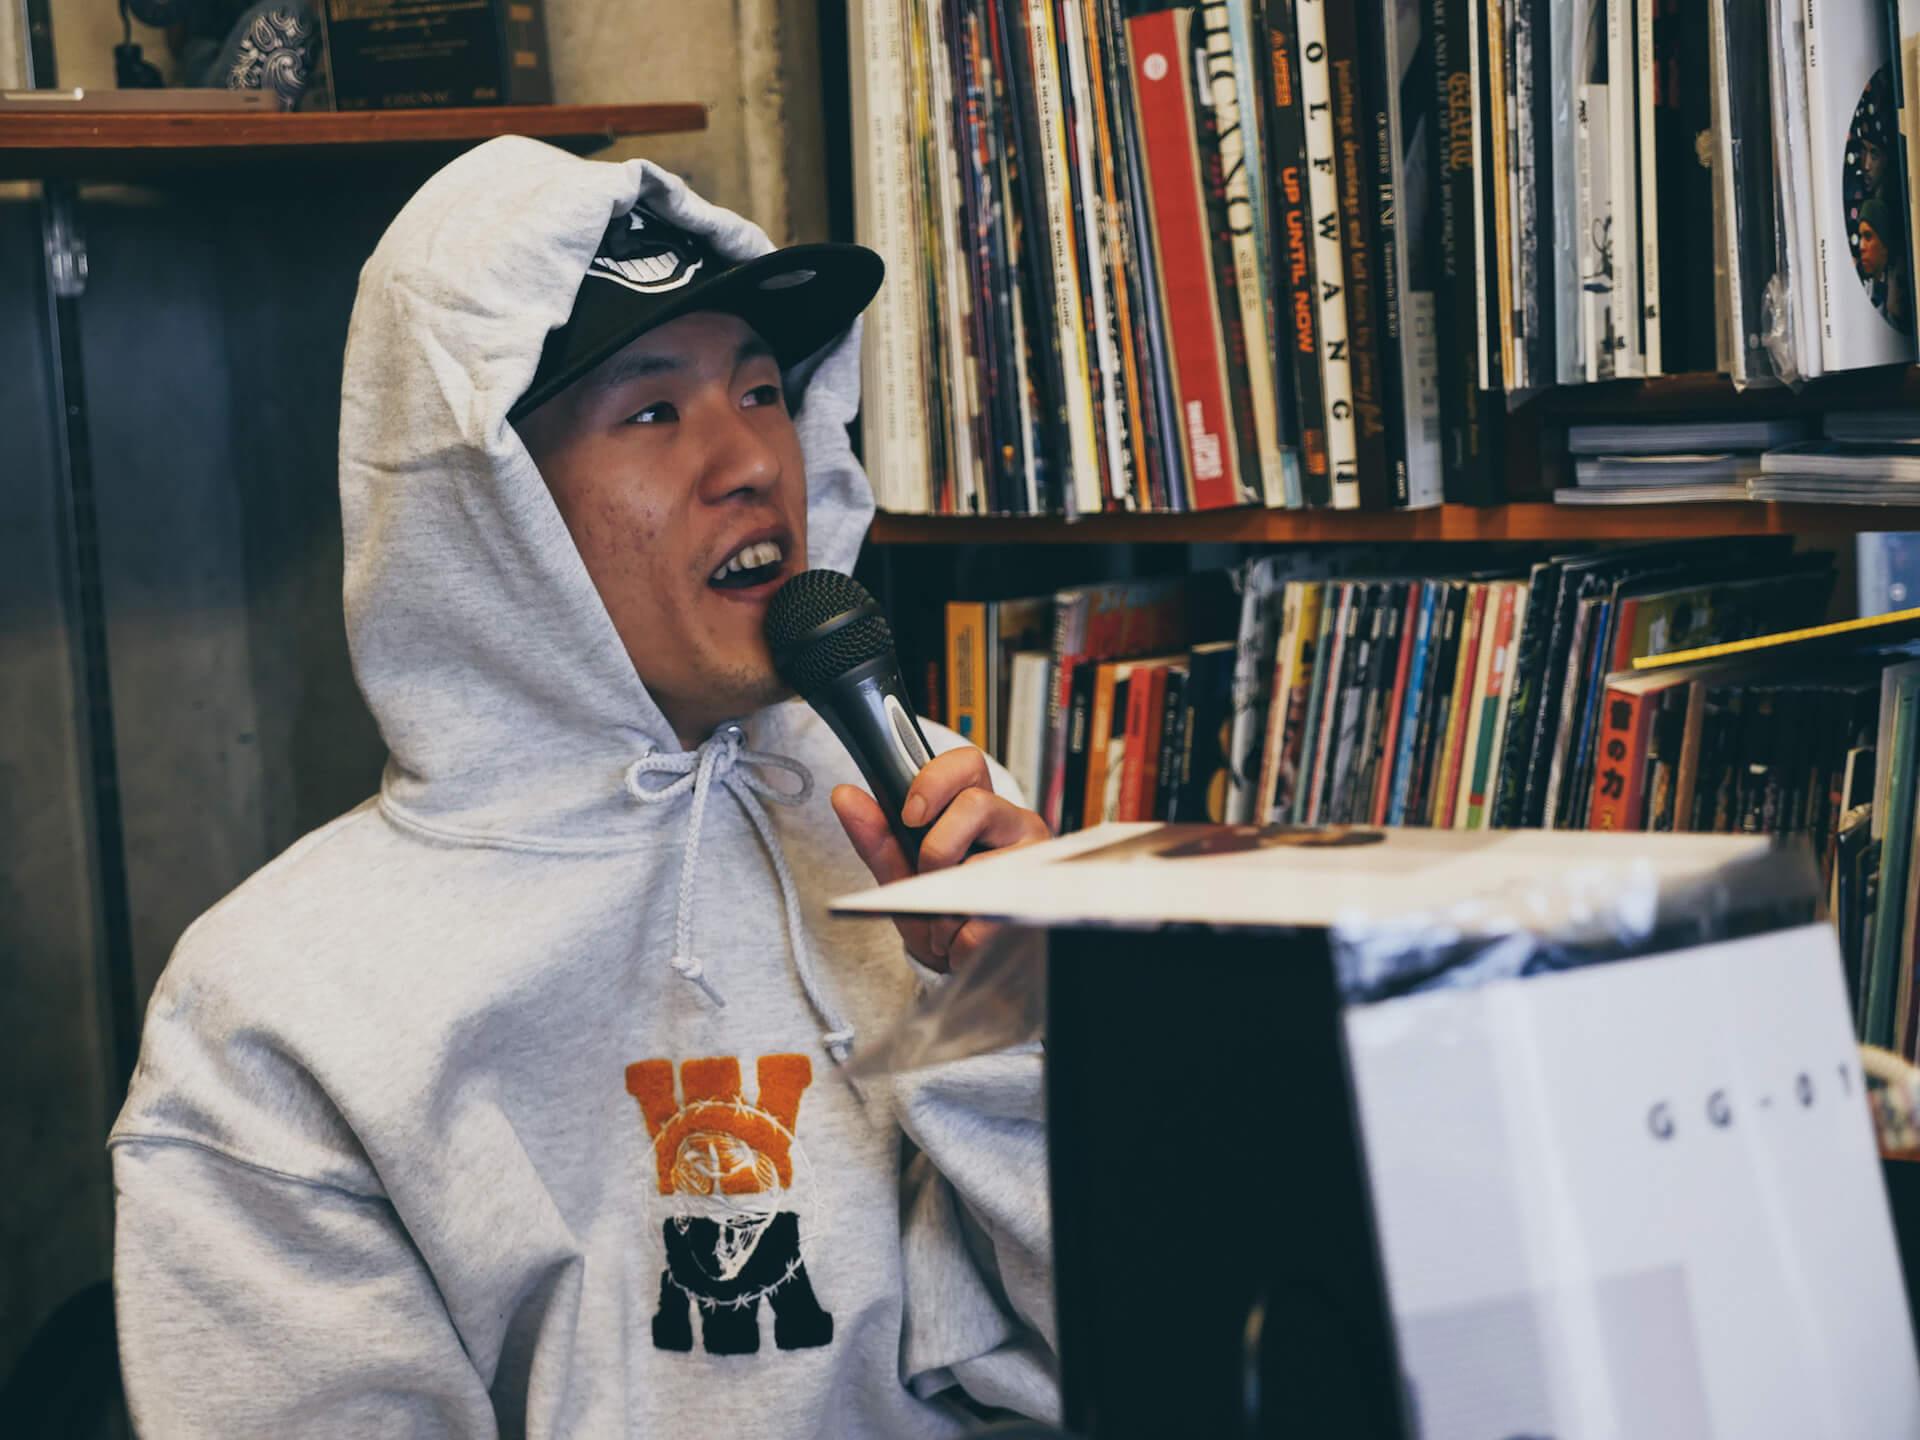 ビートは世界と出会う――BEAT MEETS WORLD x WANDERMAN POP UP in RAH YOKOHAMA REPORT interview-beat-meets-world-pop-up-report-27